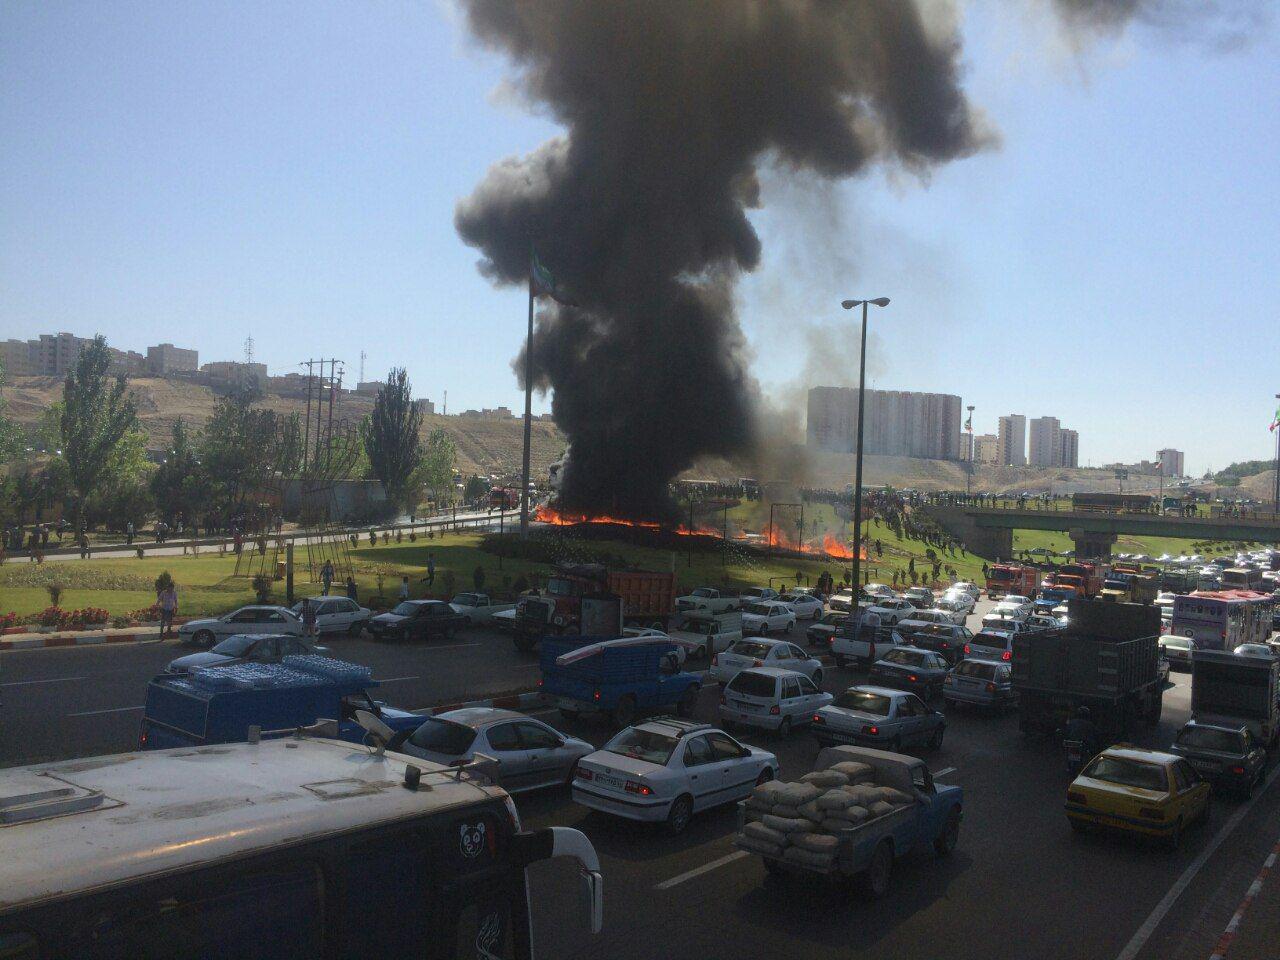 تصاویر تانکر سوخت آتش گرفته در میدان بسیج تبریز